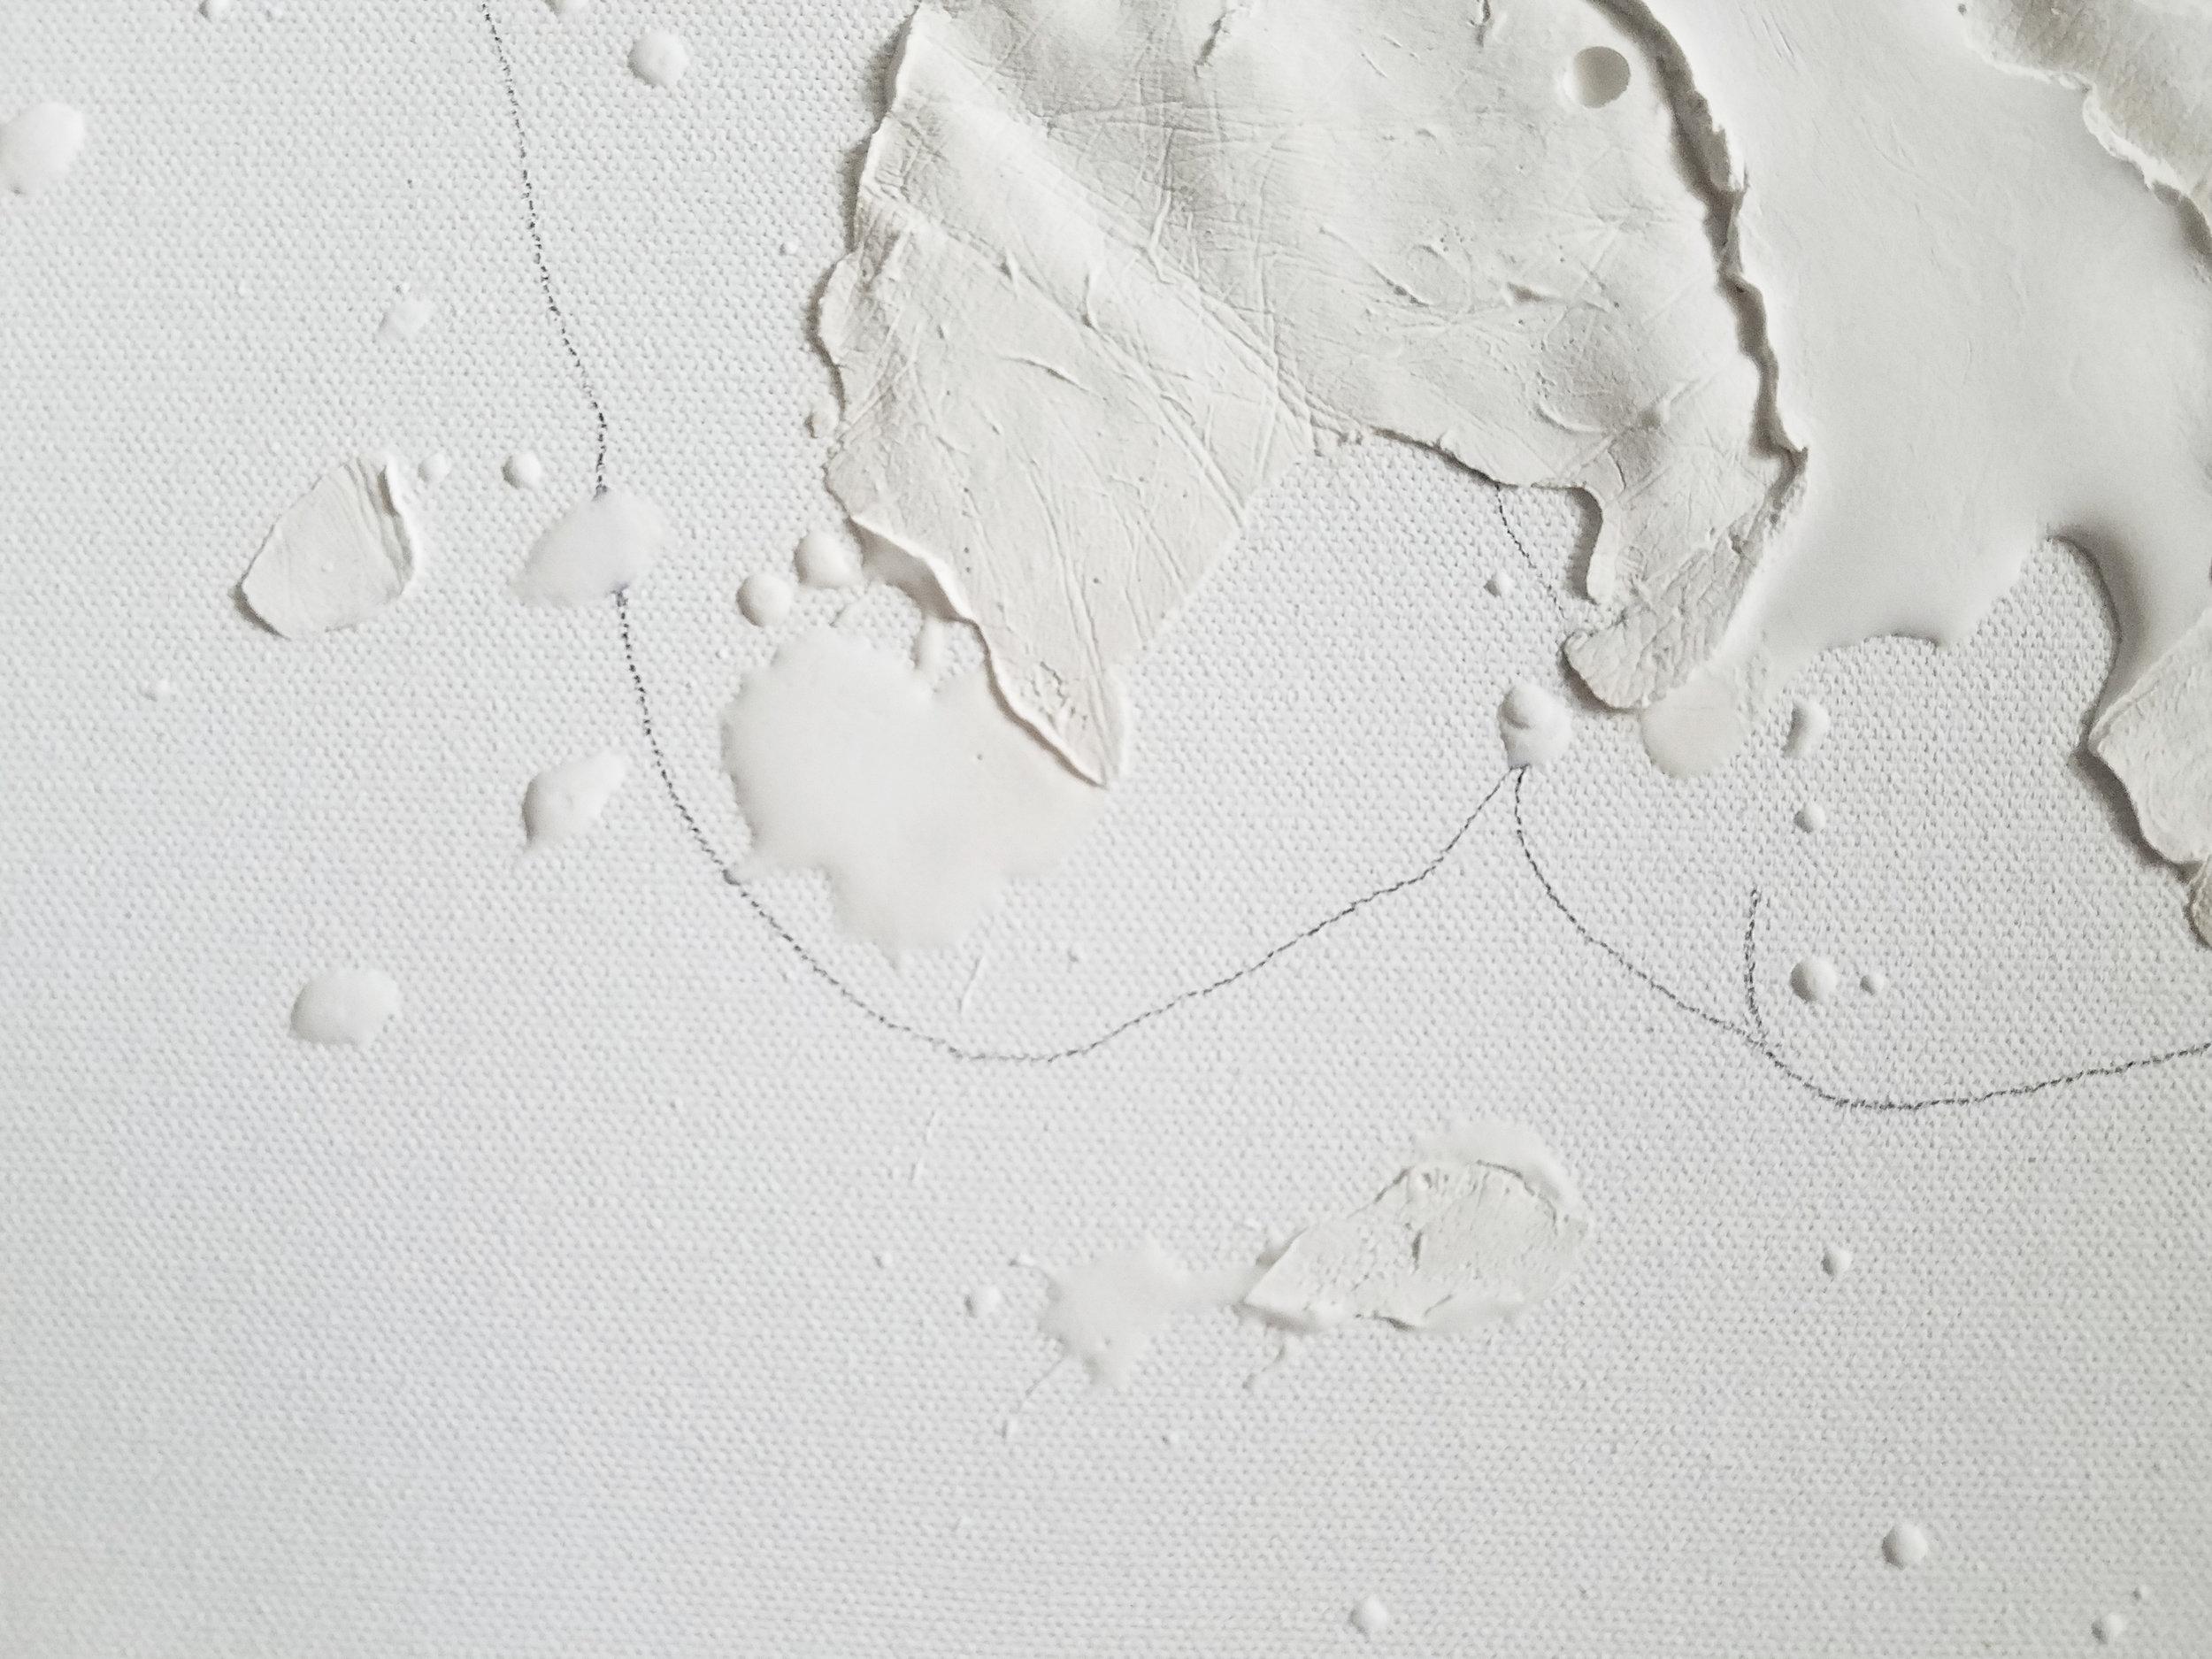 Toile detail 2.jpg